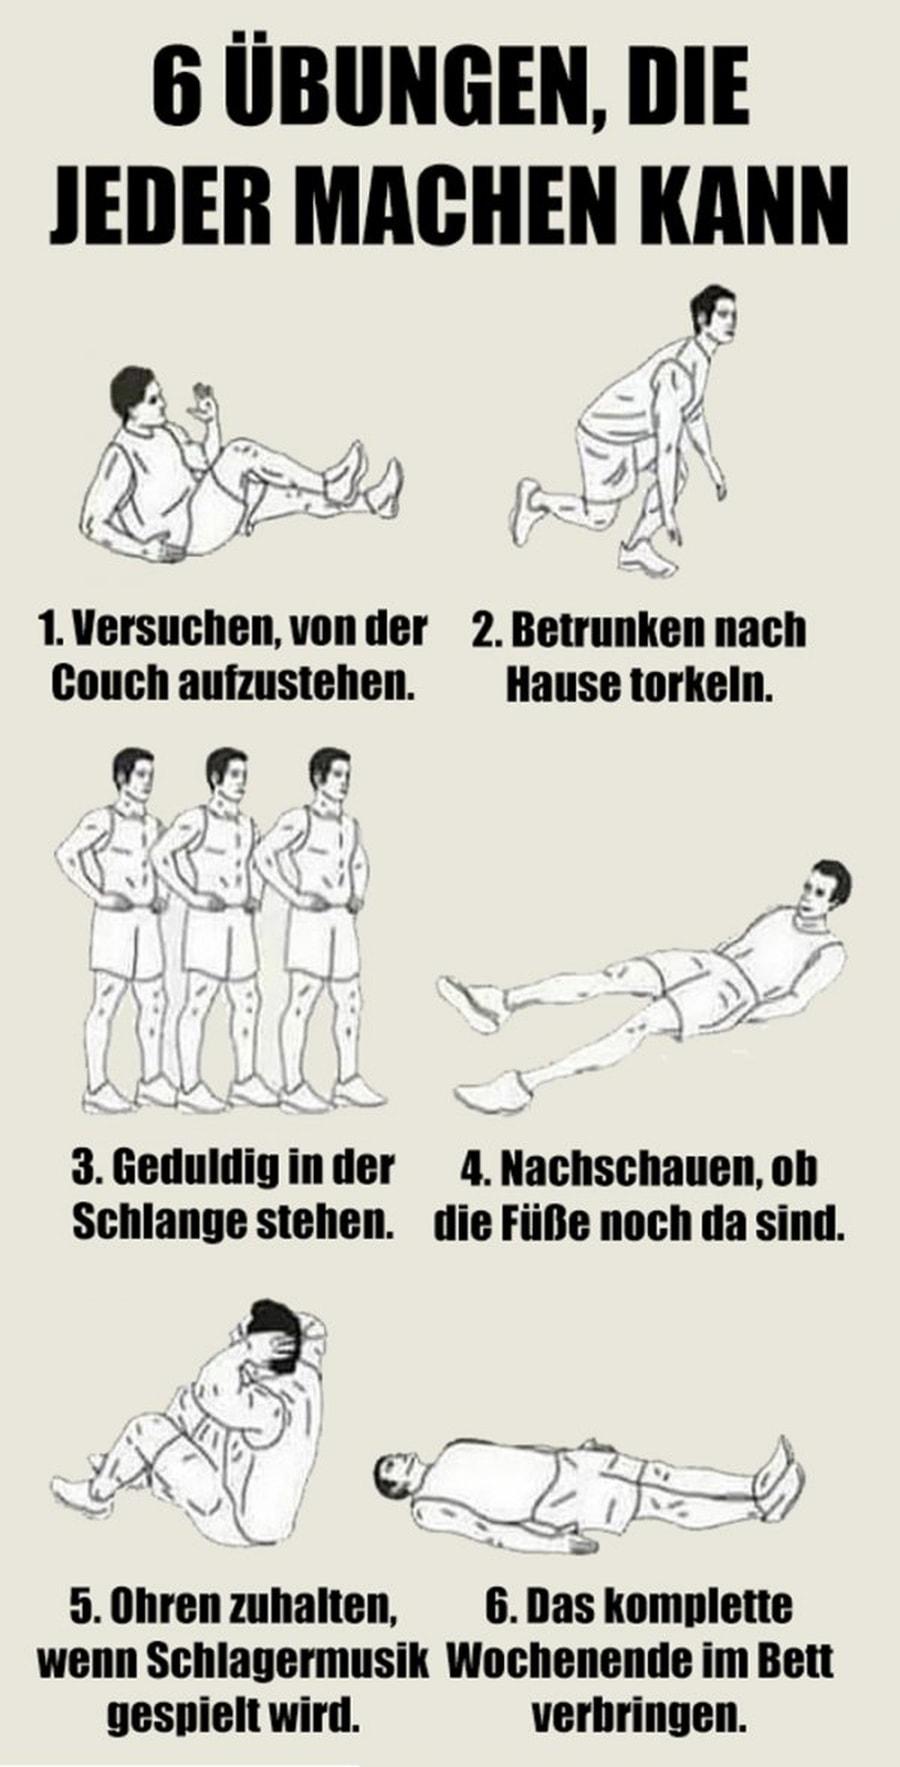 6 Übungen, die jeder machen kann | Lustiges | Was is hier eigentlich los?